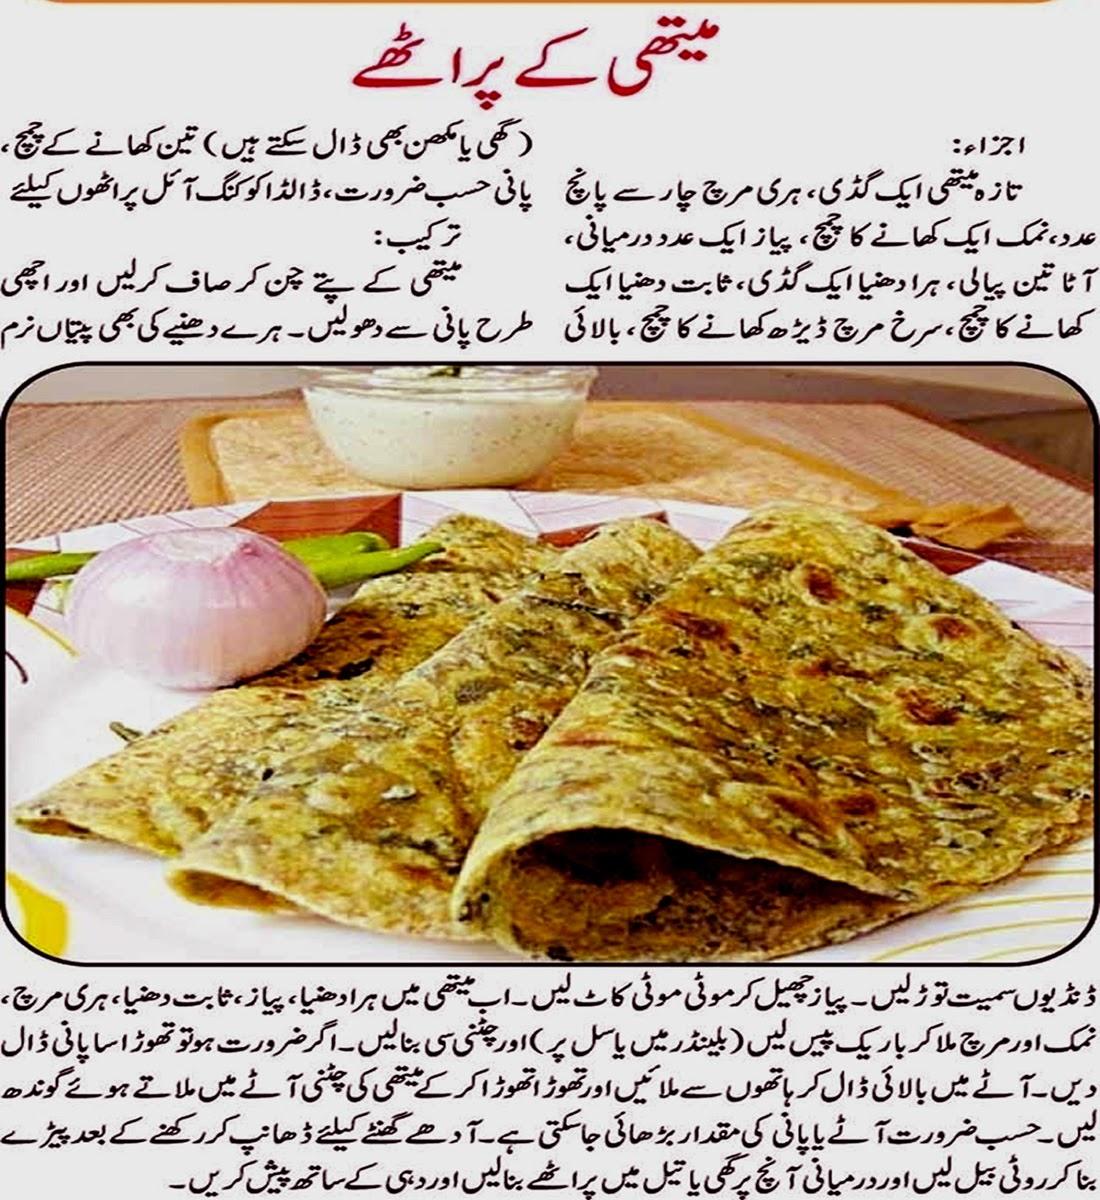 Food recipe food recipe urdu food recipe urdu images forumfinder Images